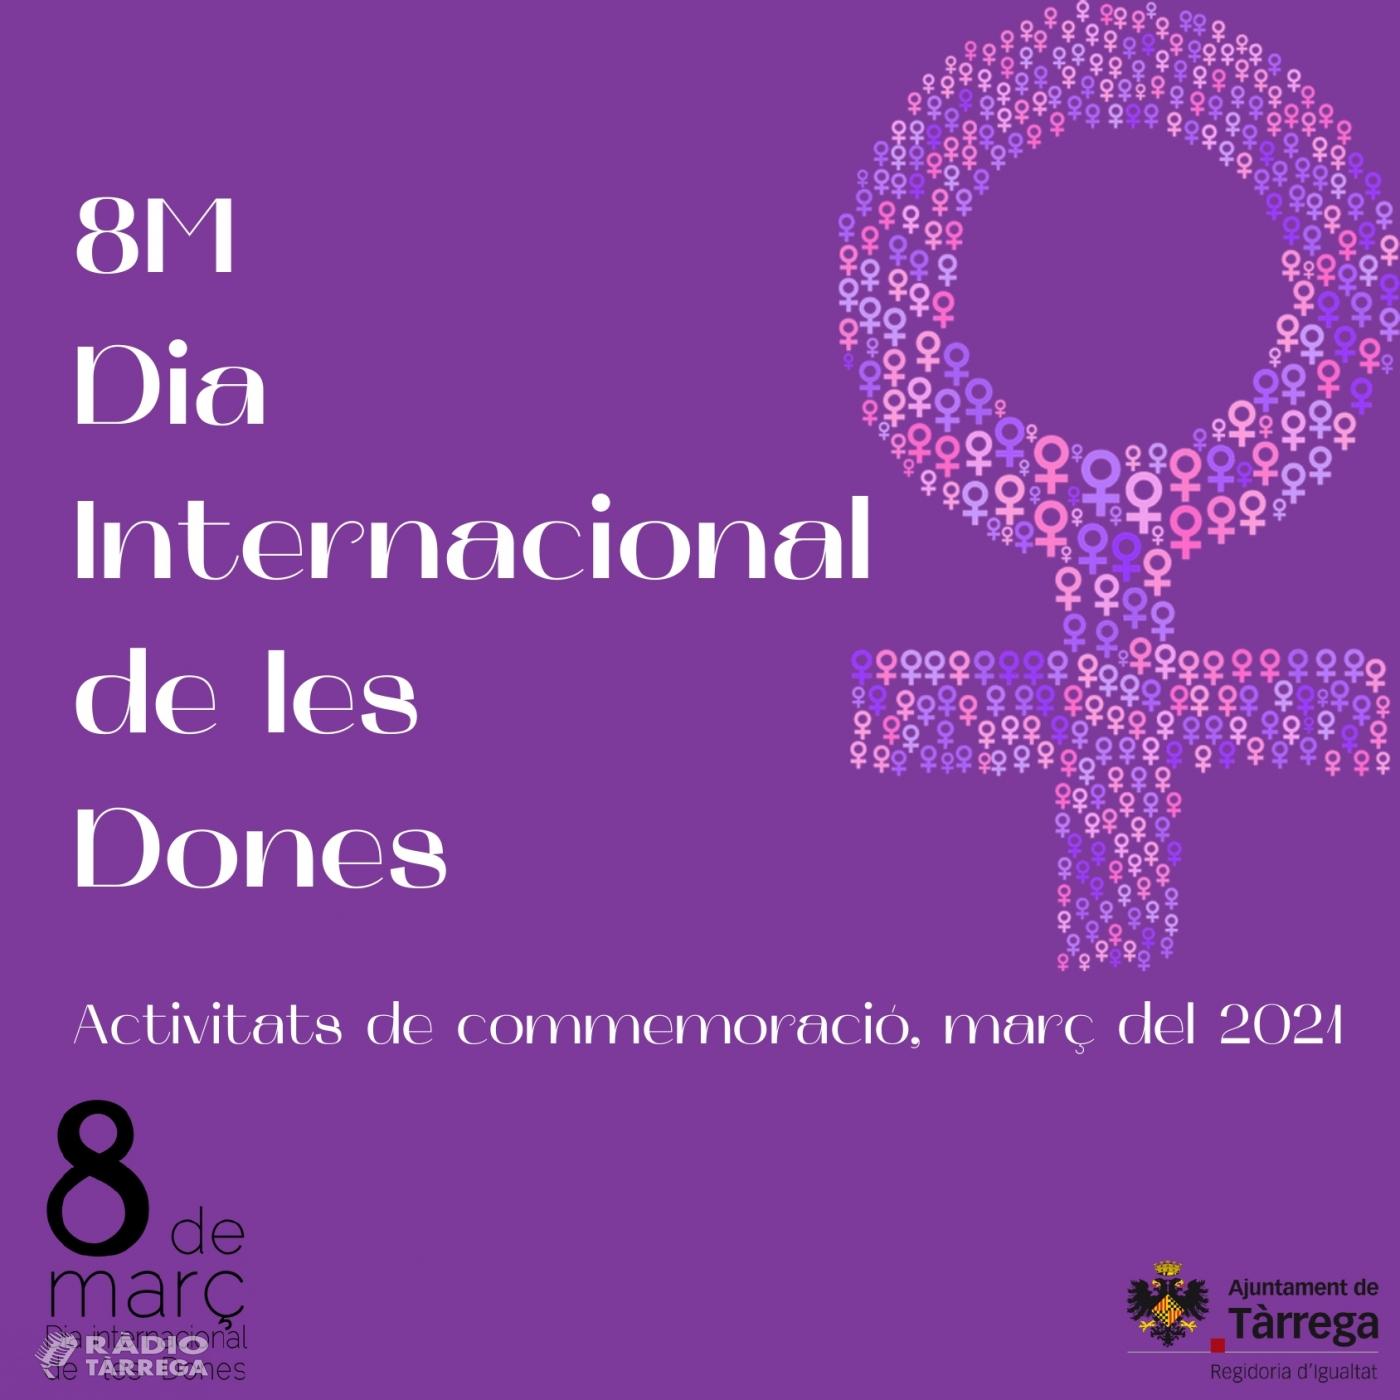 Tàrrega expressa el seu compromís amb el Dia Internacional de les Dones i divulga missatges en favor de la igualtat de gènere